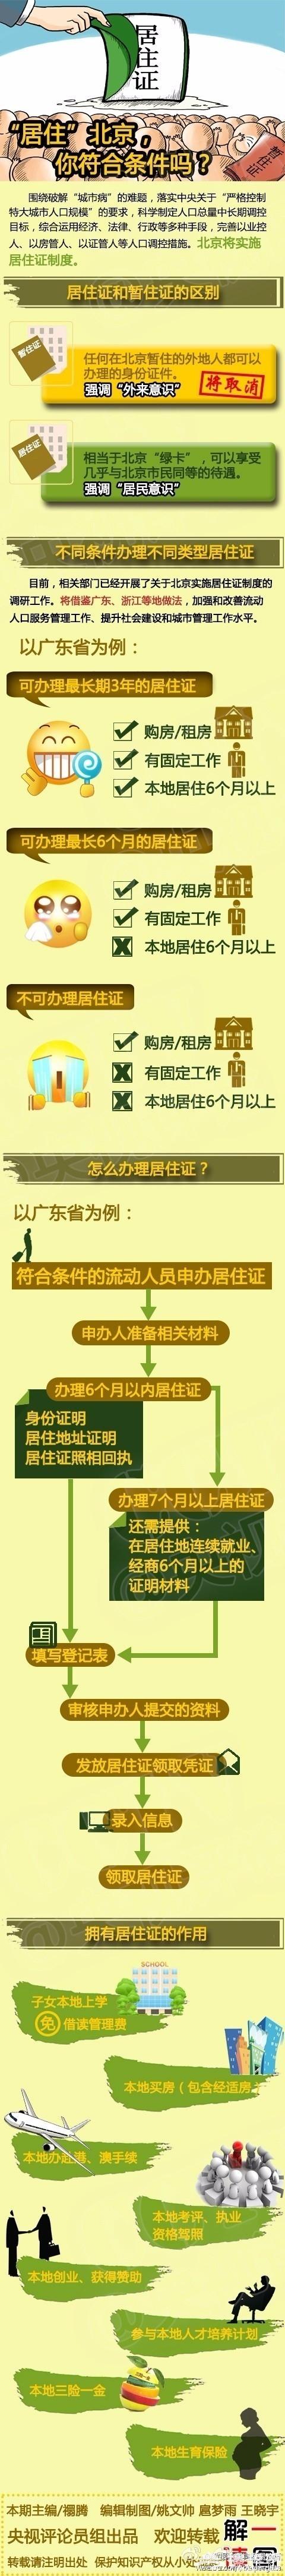 北京居住證你符合條件嗎?